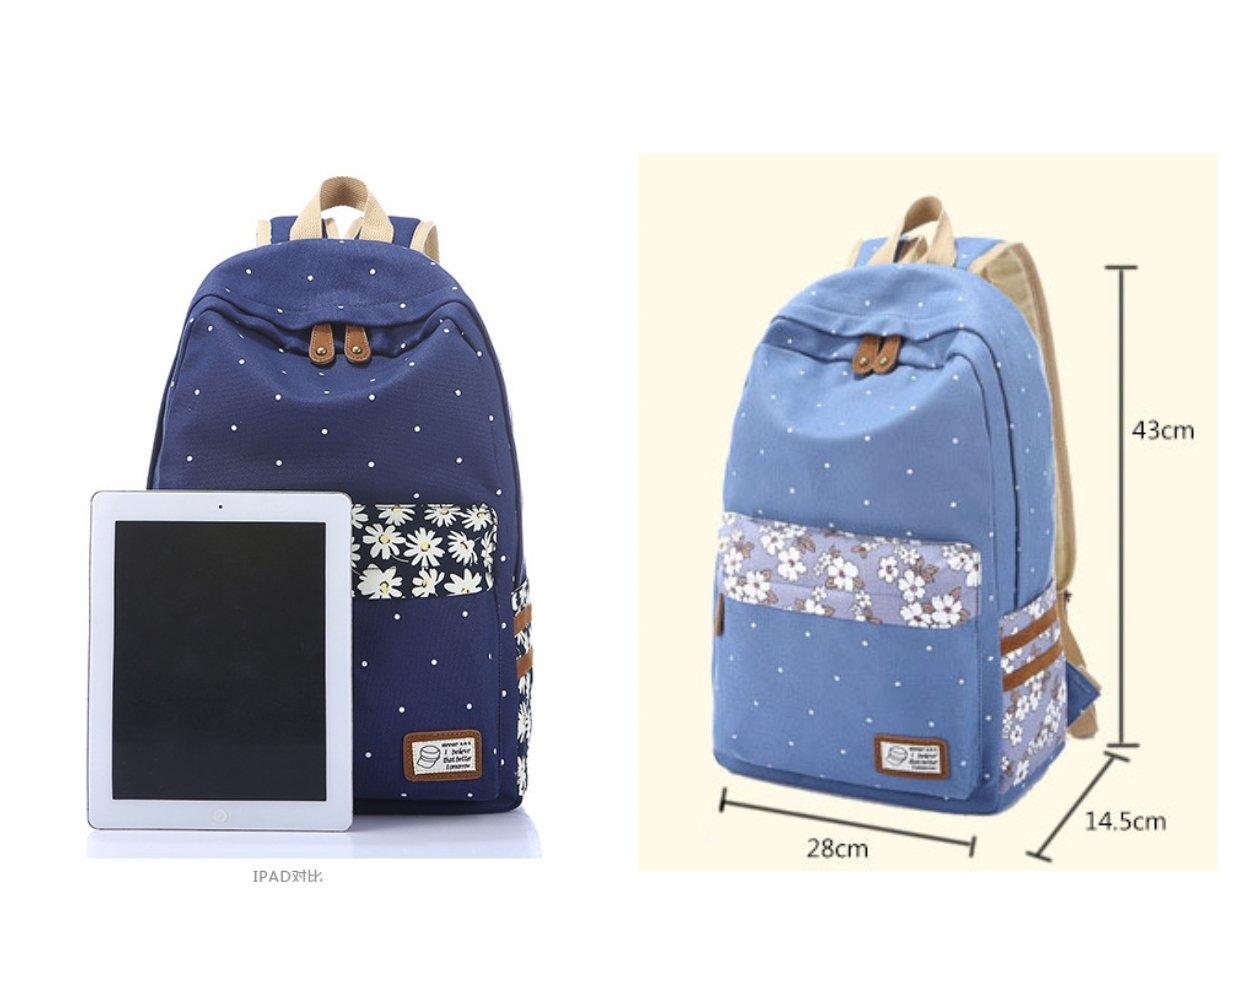 Evay zaino tela Vintage striscia colorata sacchetto di scuola per i giovani adolescenti ragazze e ragazzi leggero Carino impermeabile Daypack casual